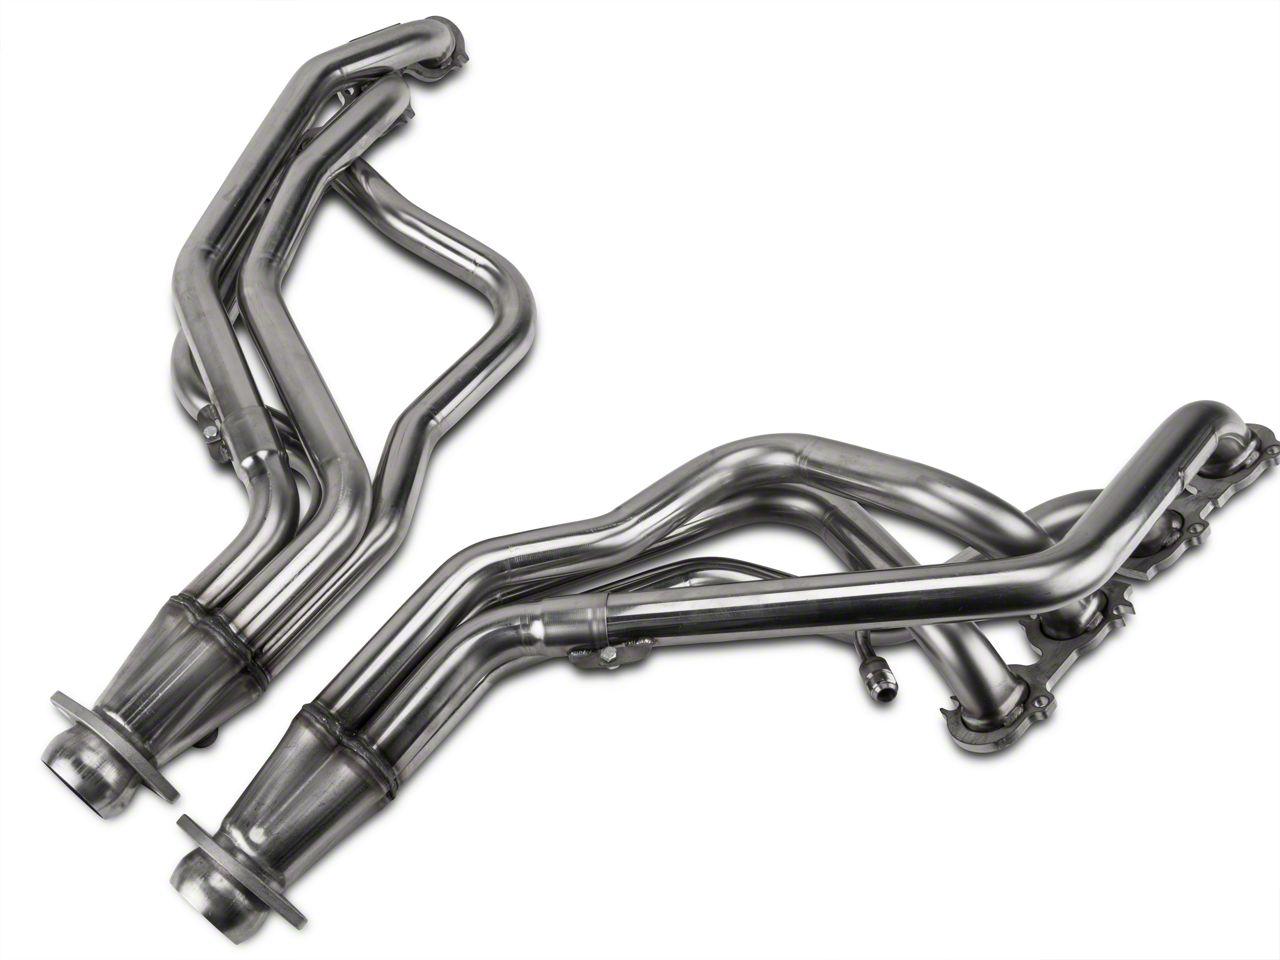 Kooks 1-5/8 in. Long Tube Headers (96-04 Cobra